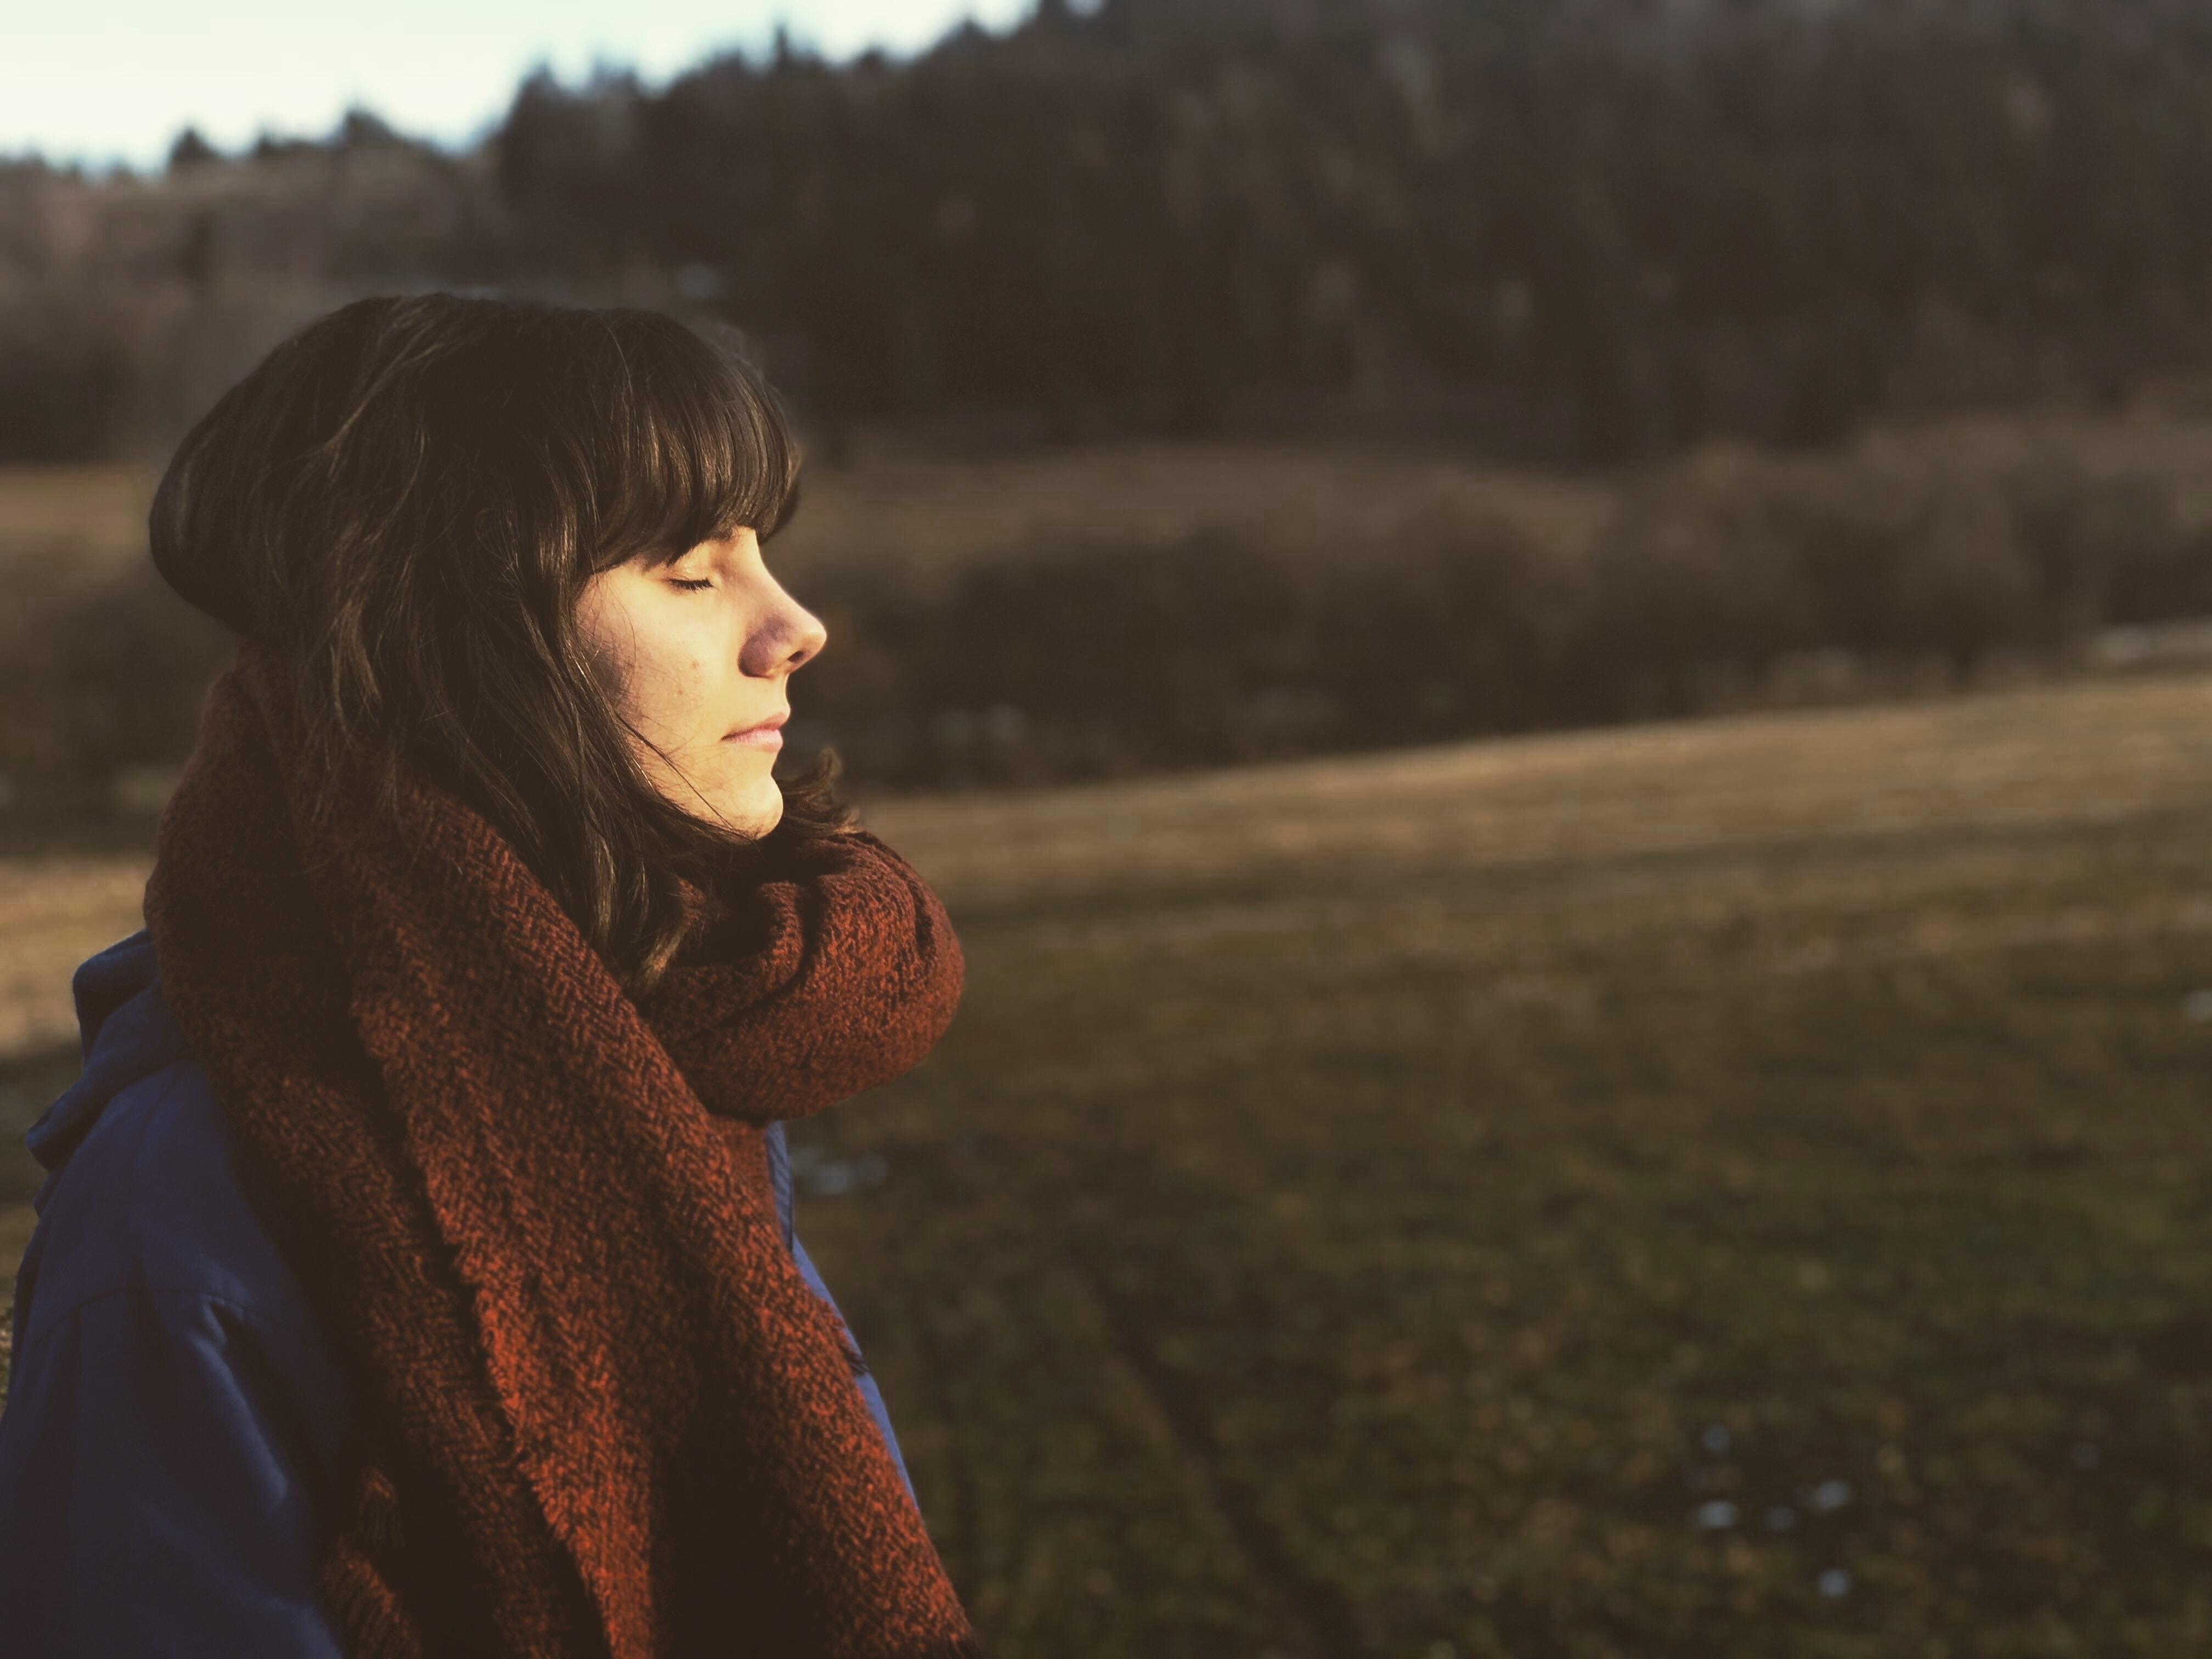 woman close eye standing on grass field